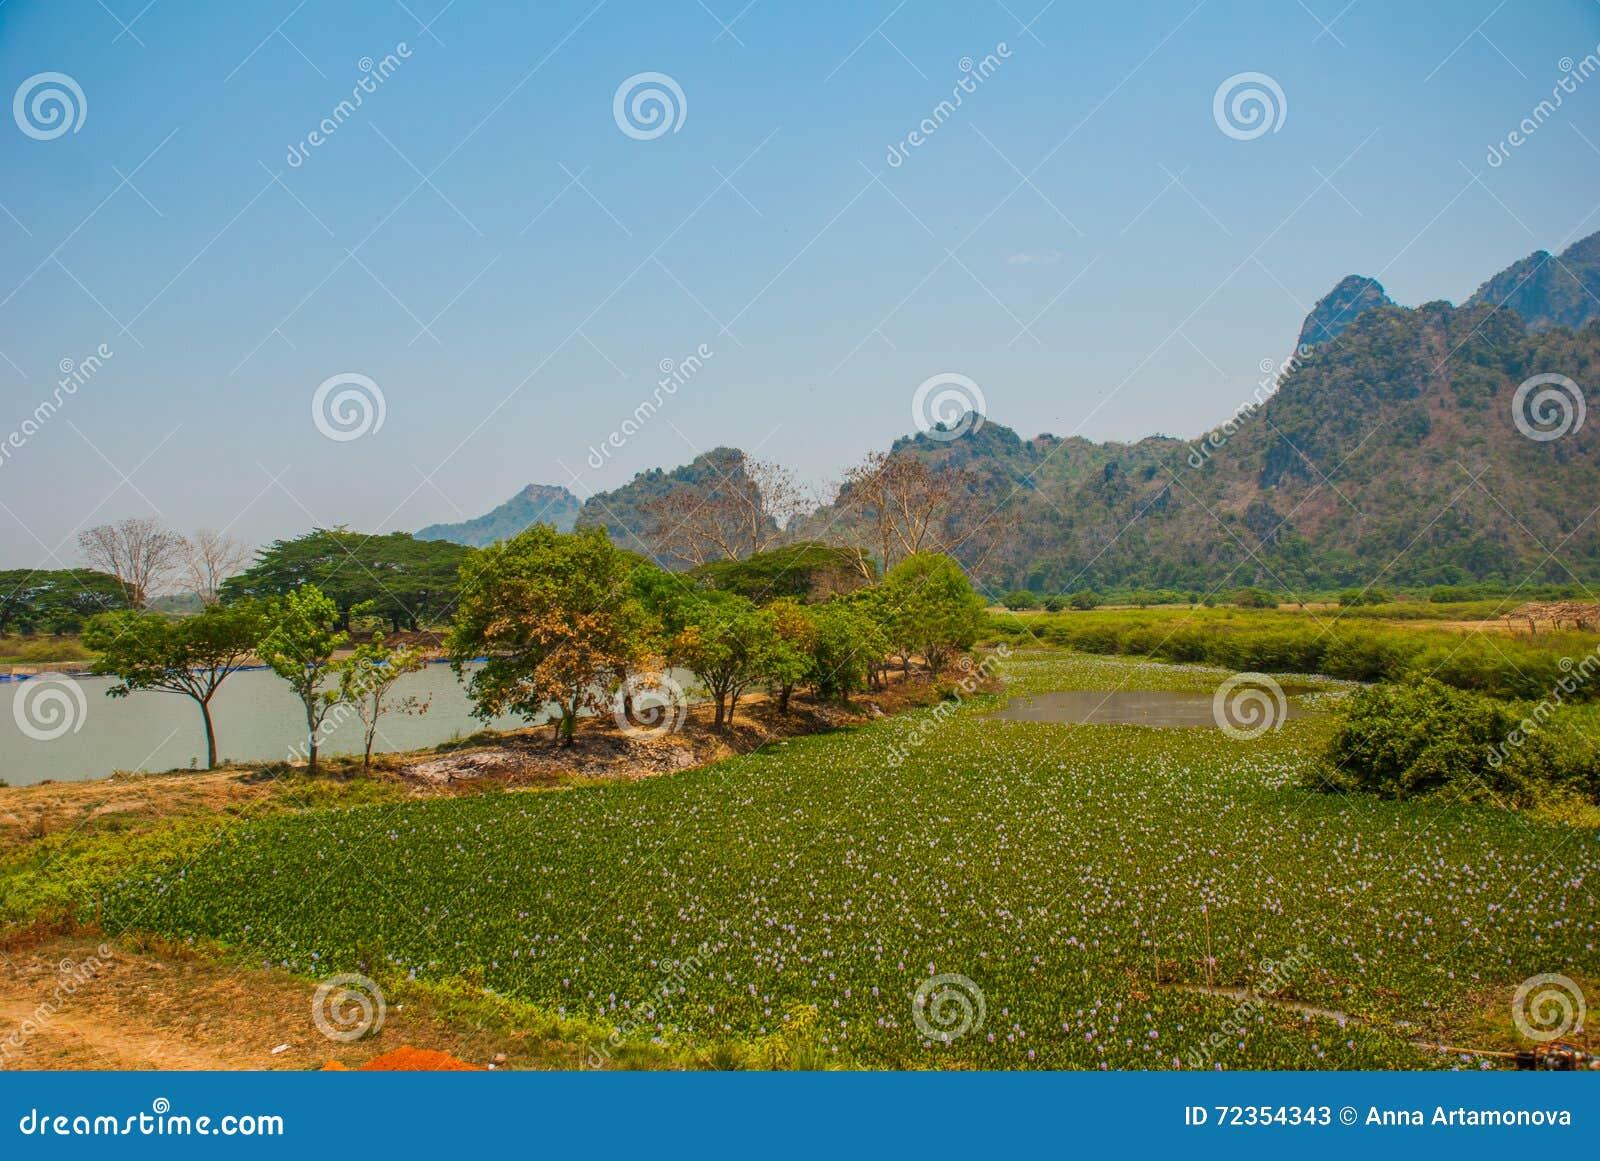 地方的美好的风景顶视图在城市毛淡棉, Hha-an附近的 缅甸 缅甸